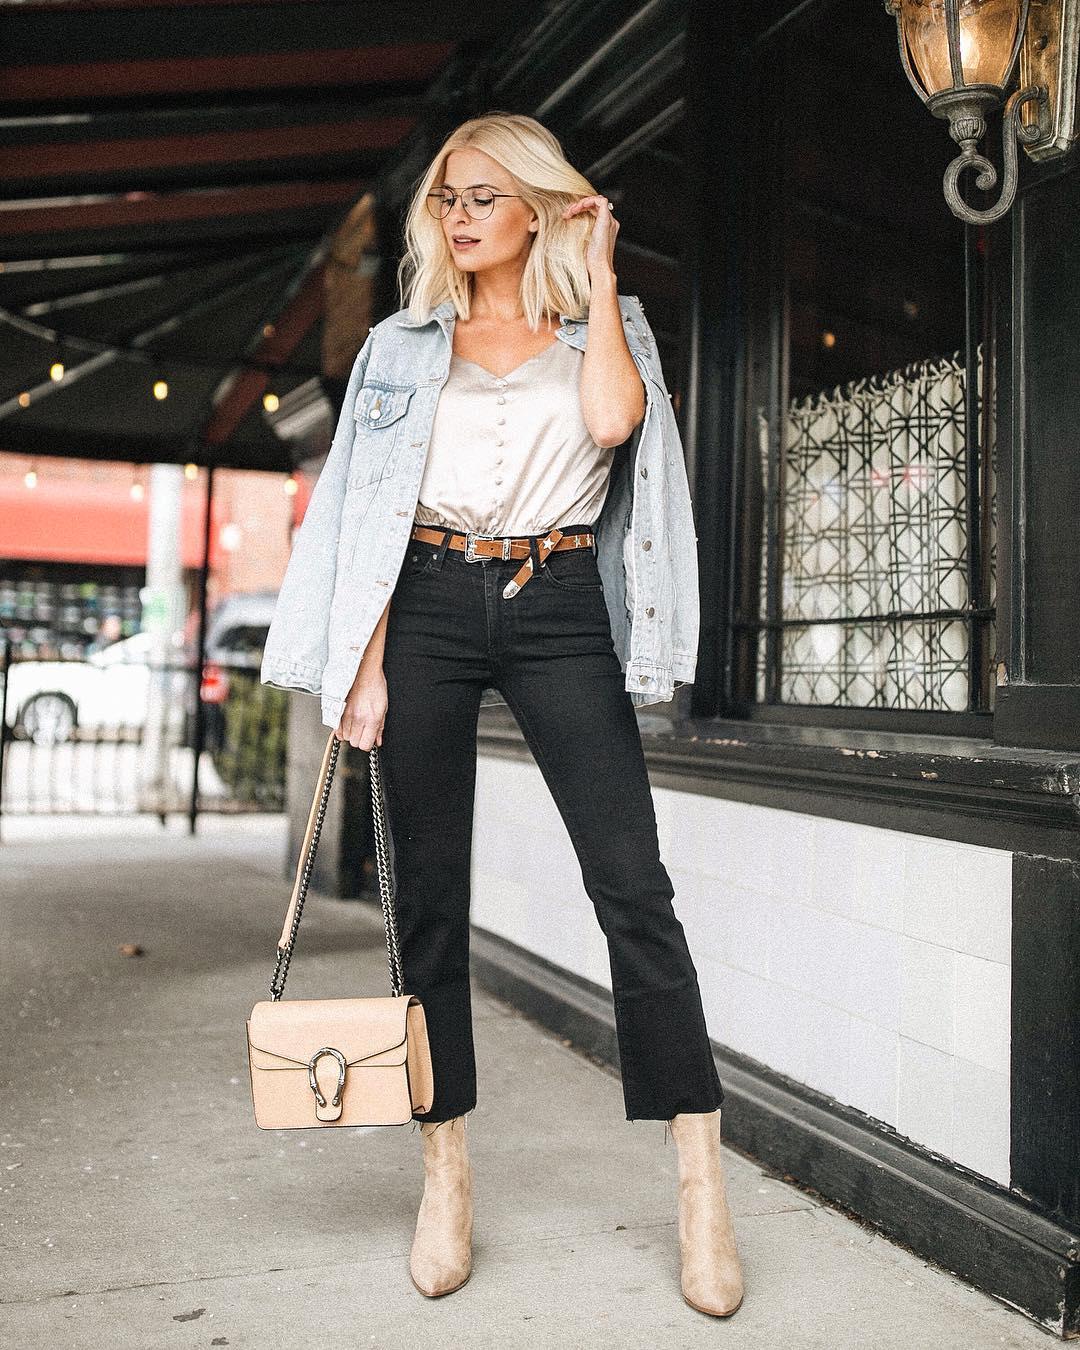 ty dolzhna jeto uvidet ulichnaja moda vesna leto 2020